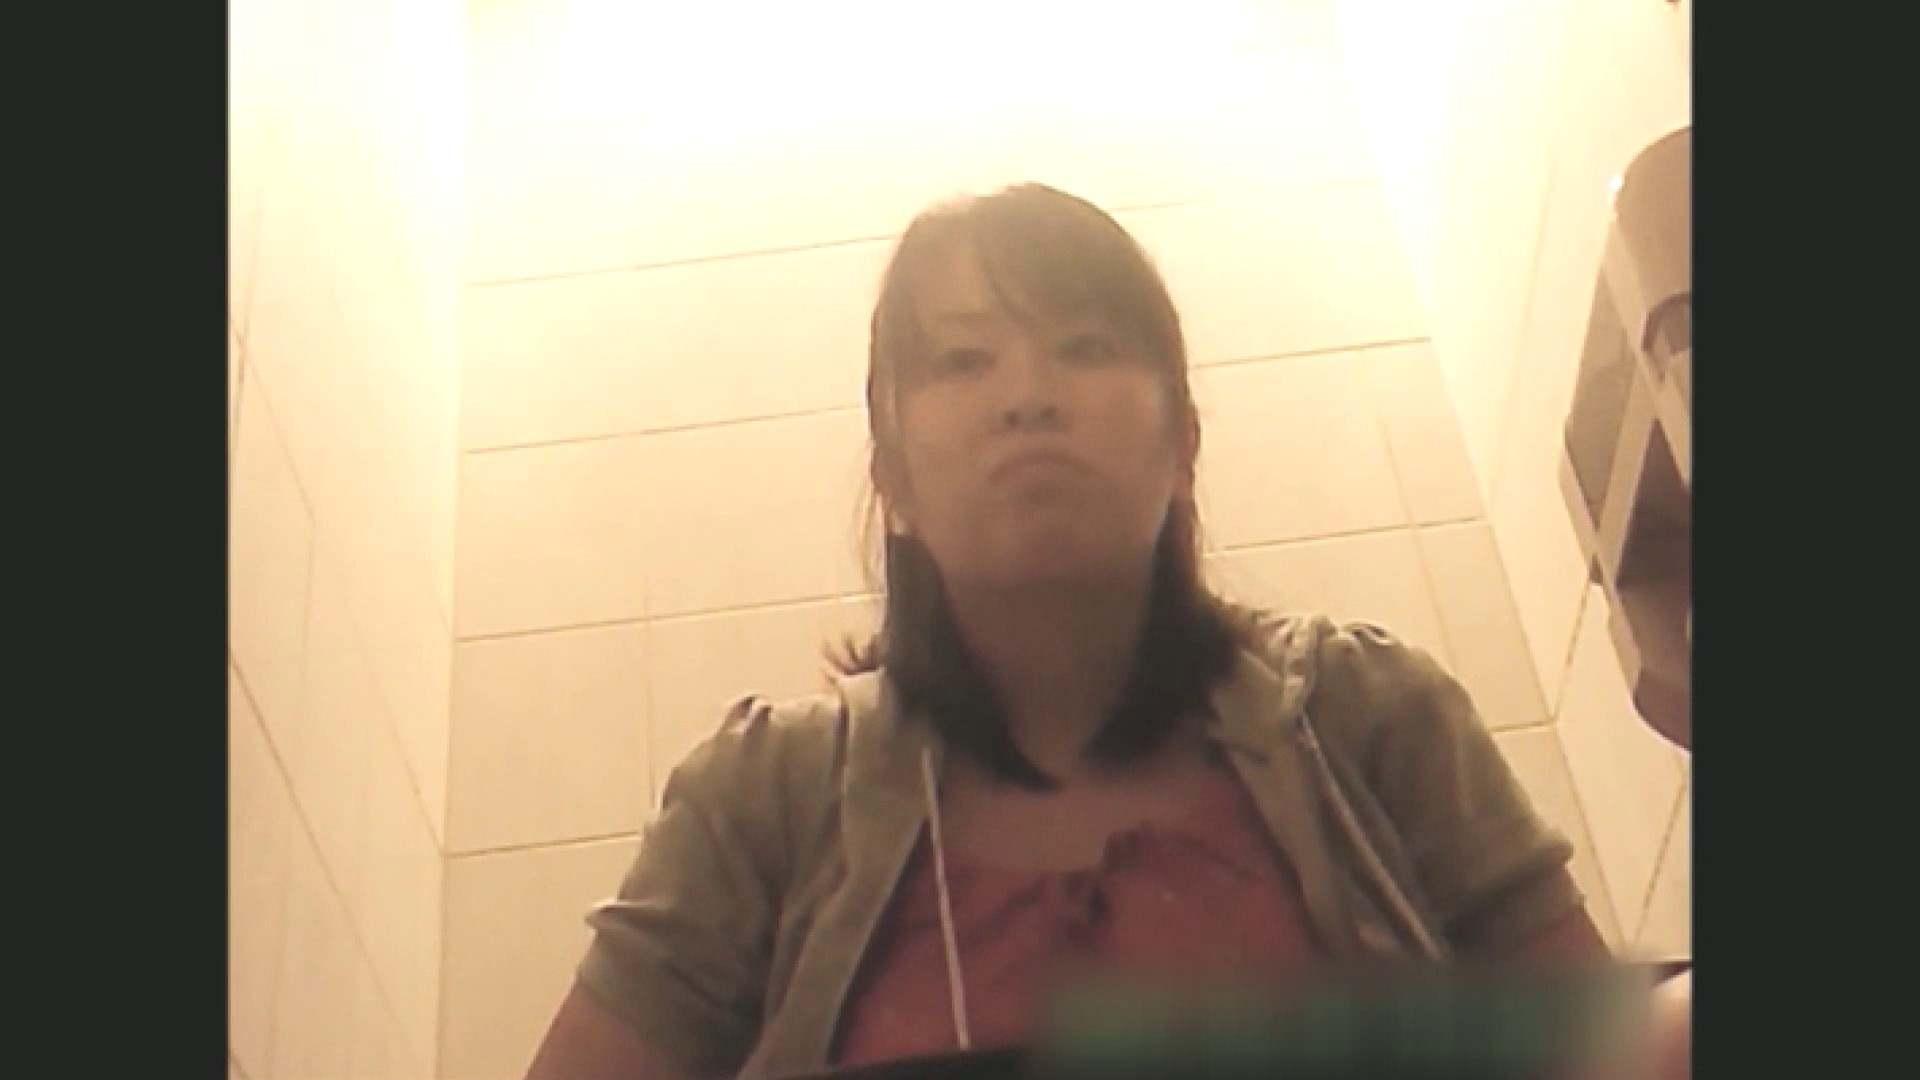 実録!!綺麗なお姉さんのトイレ事情・・・。vol.1 OLすけべ画像  78連発 45